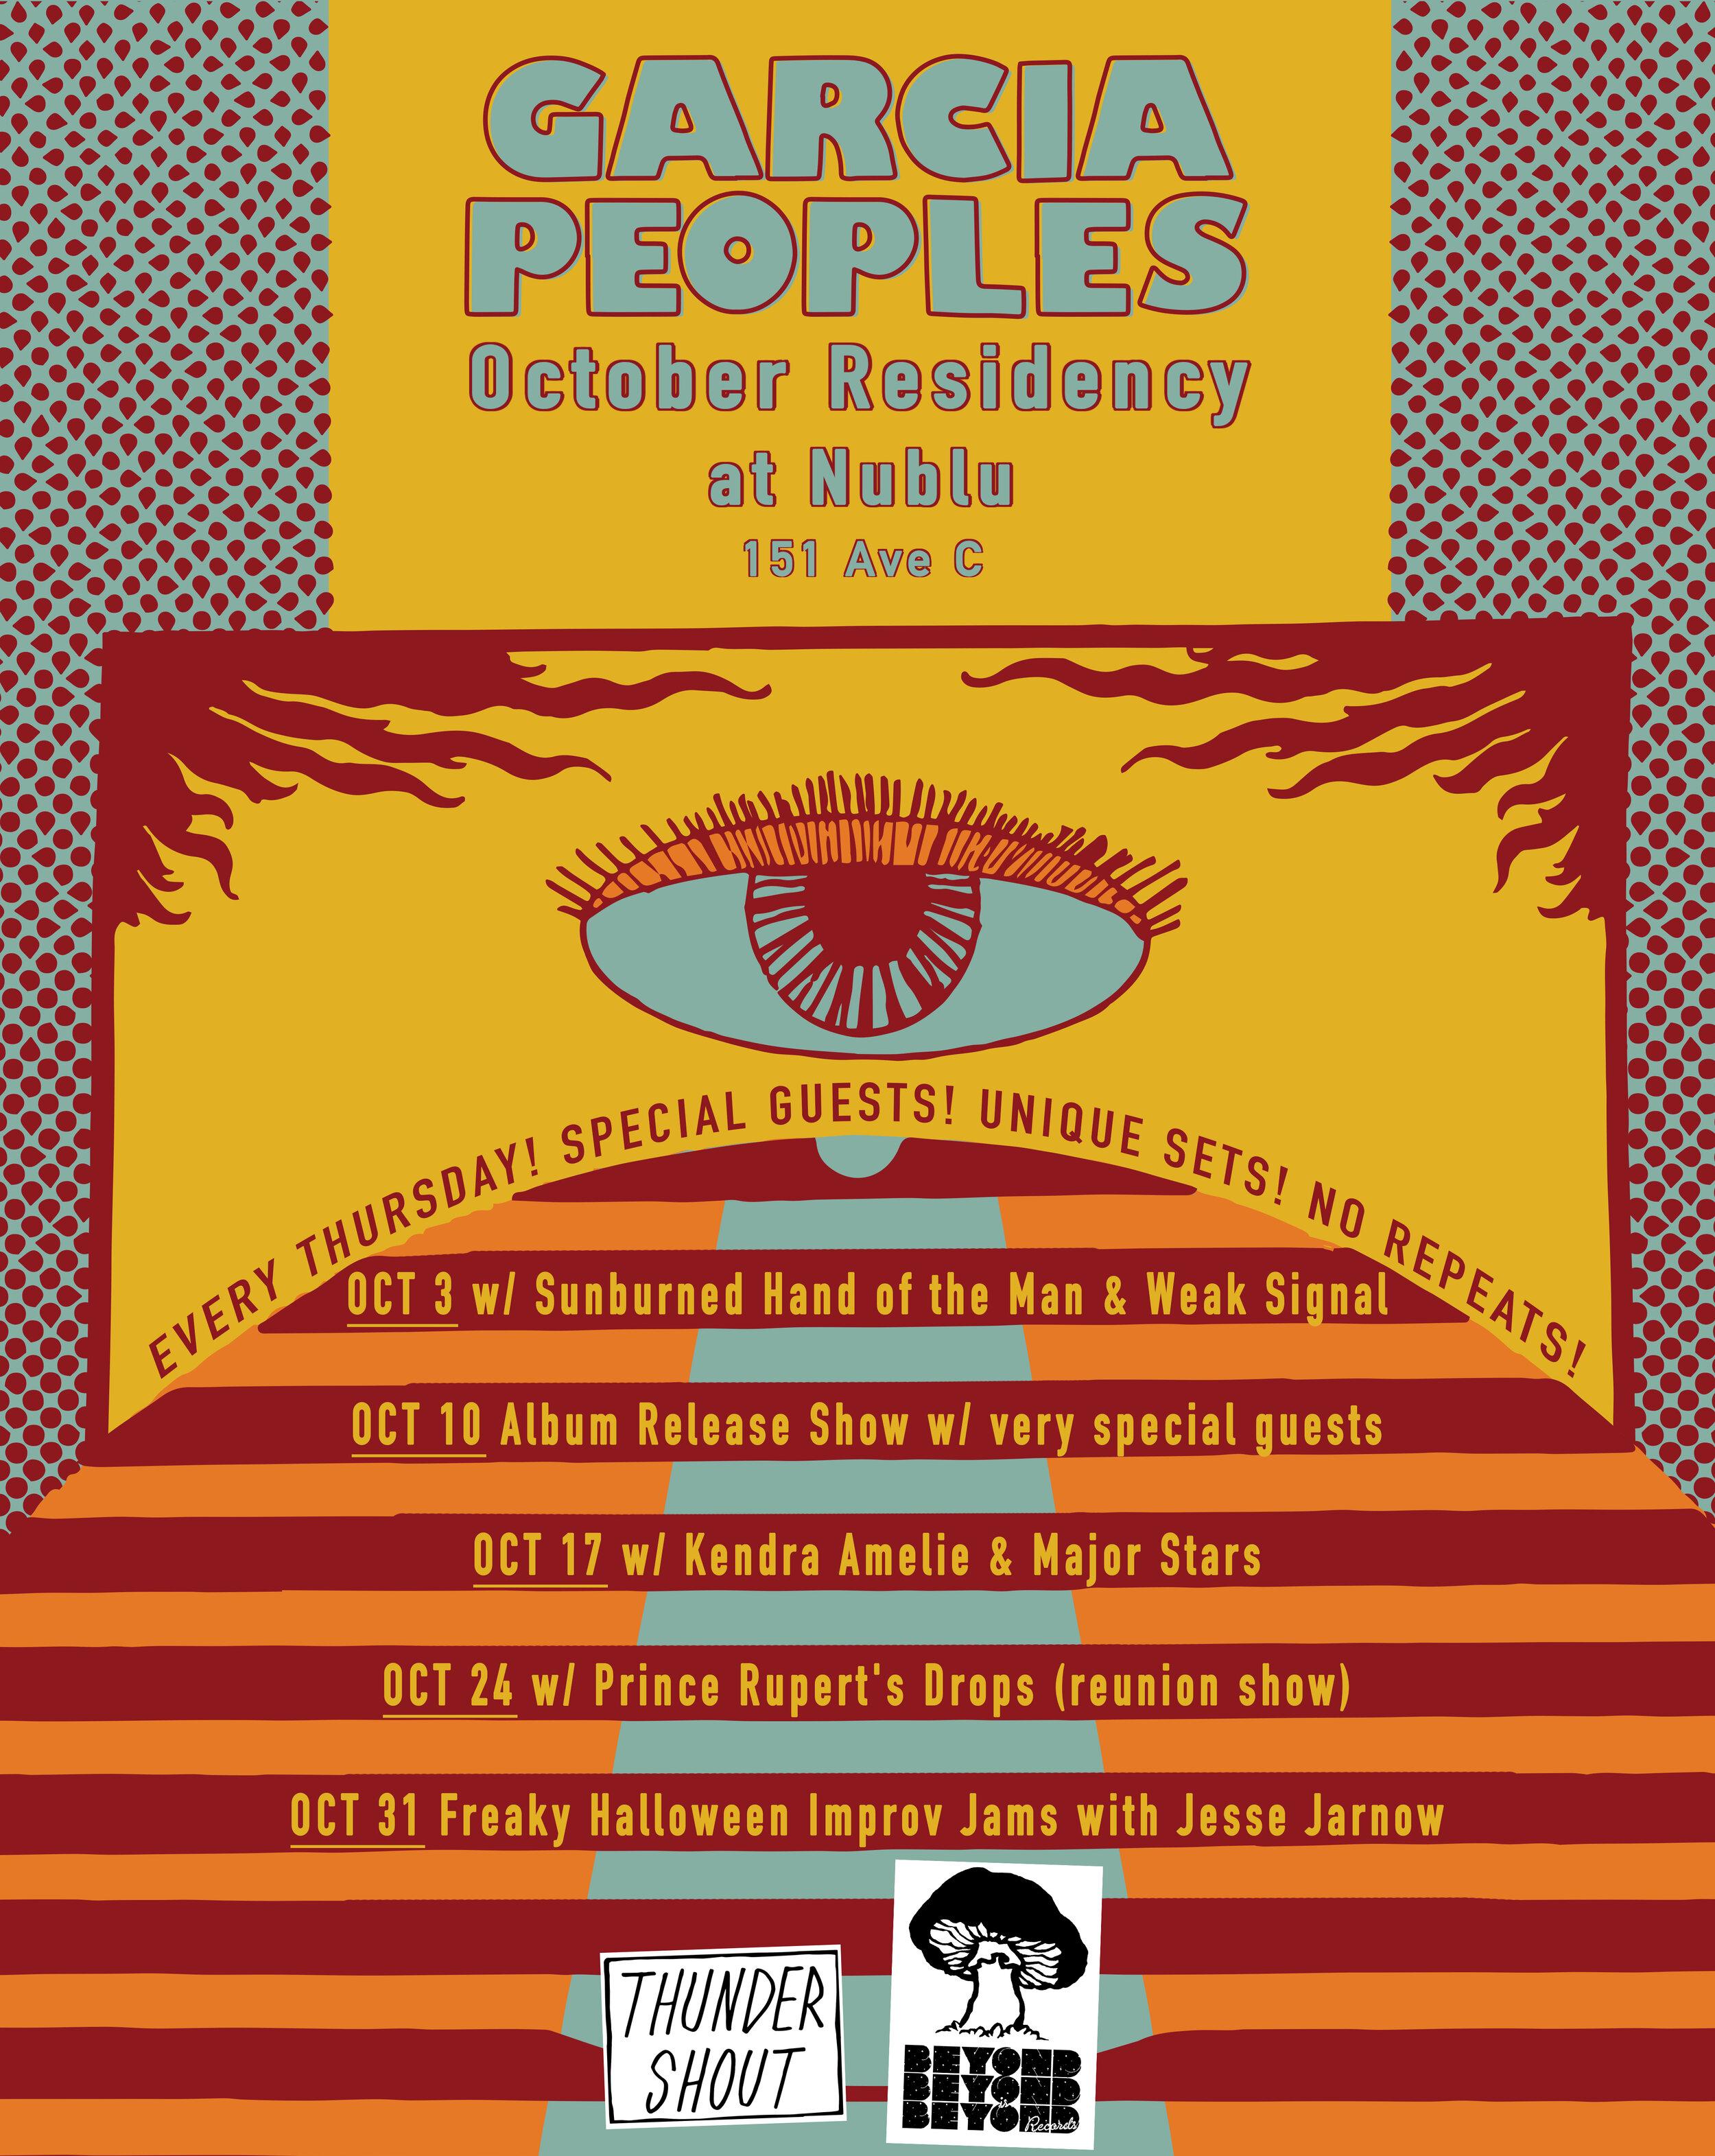 garcia-peoples-residency-guests.jpg